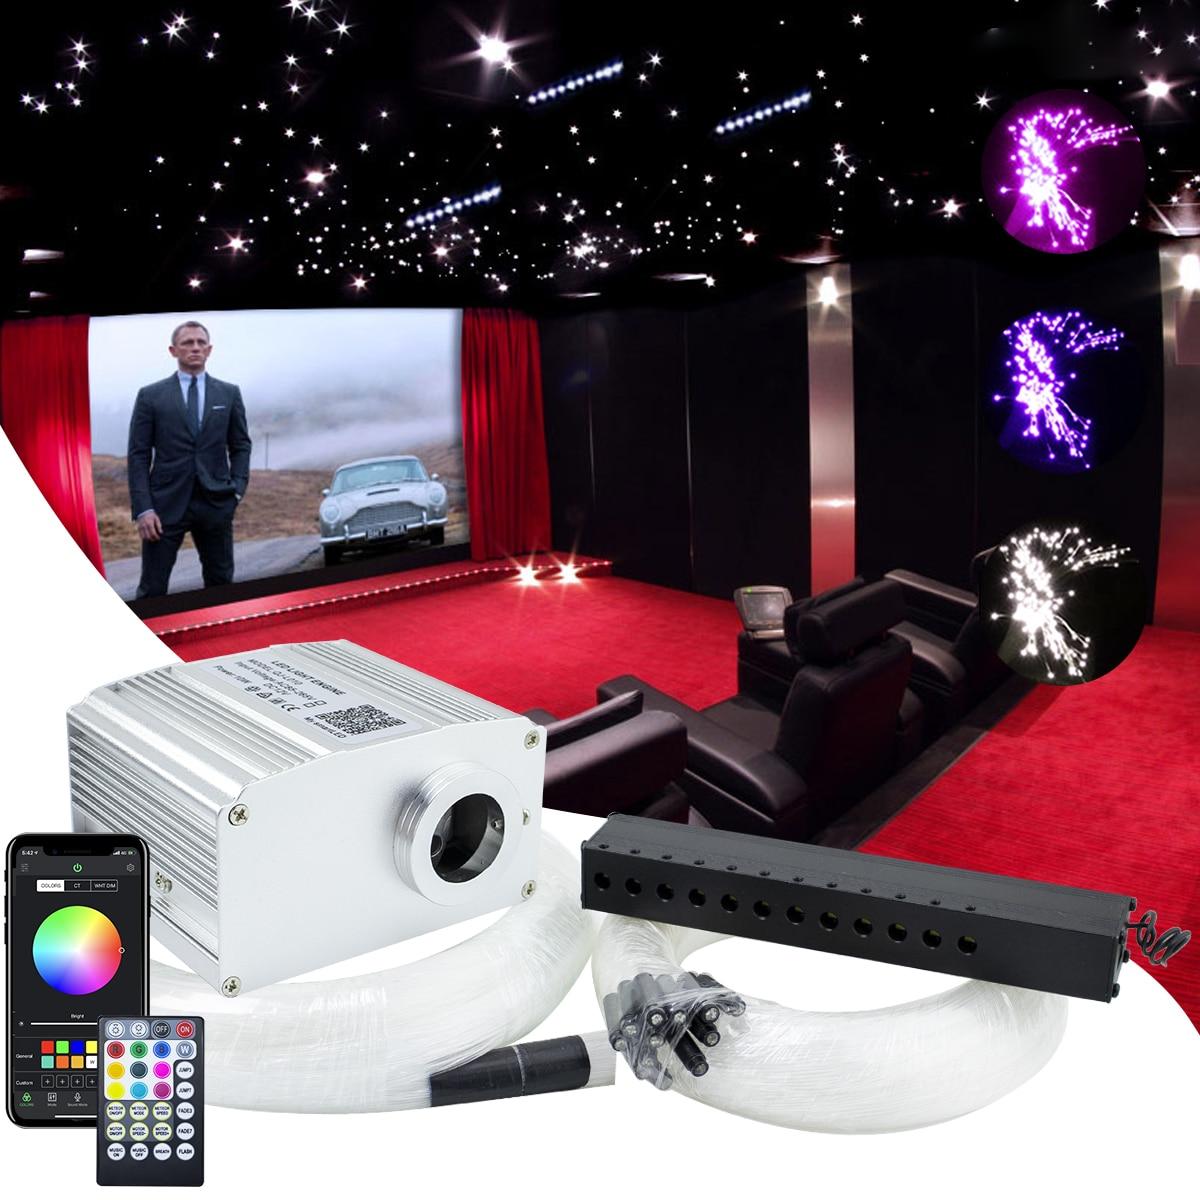 10W وميض التطبيق الألياف البصرية ضوء عدة 450 قطعة * 0.75 مللي متر * 3M مع رماية نجمة led